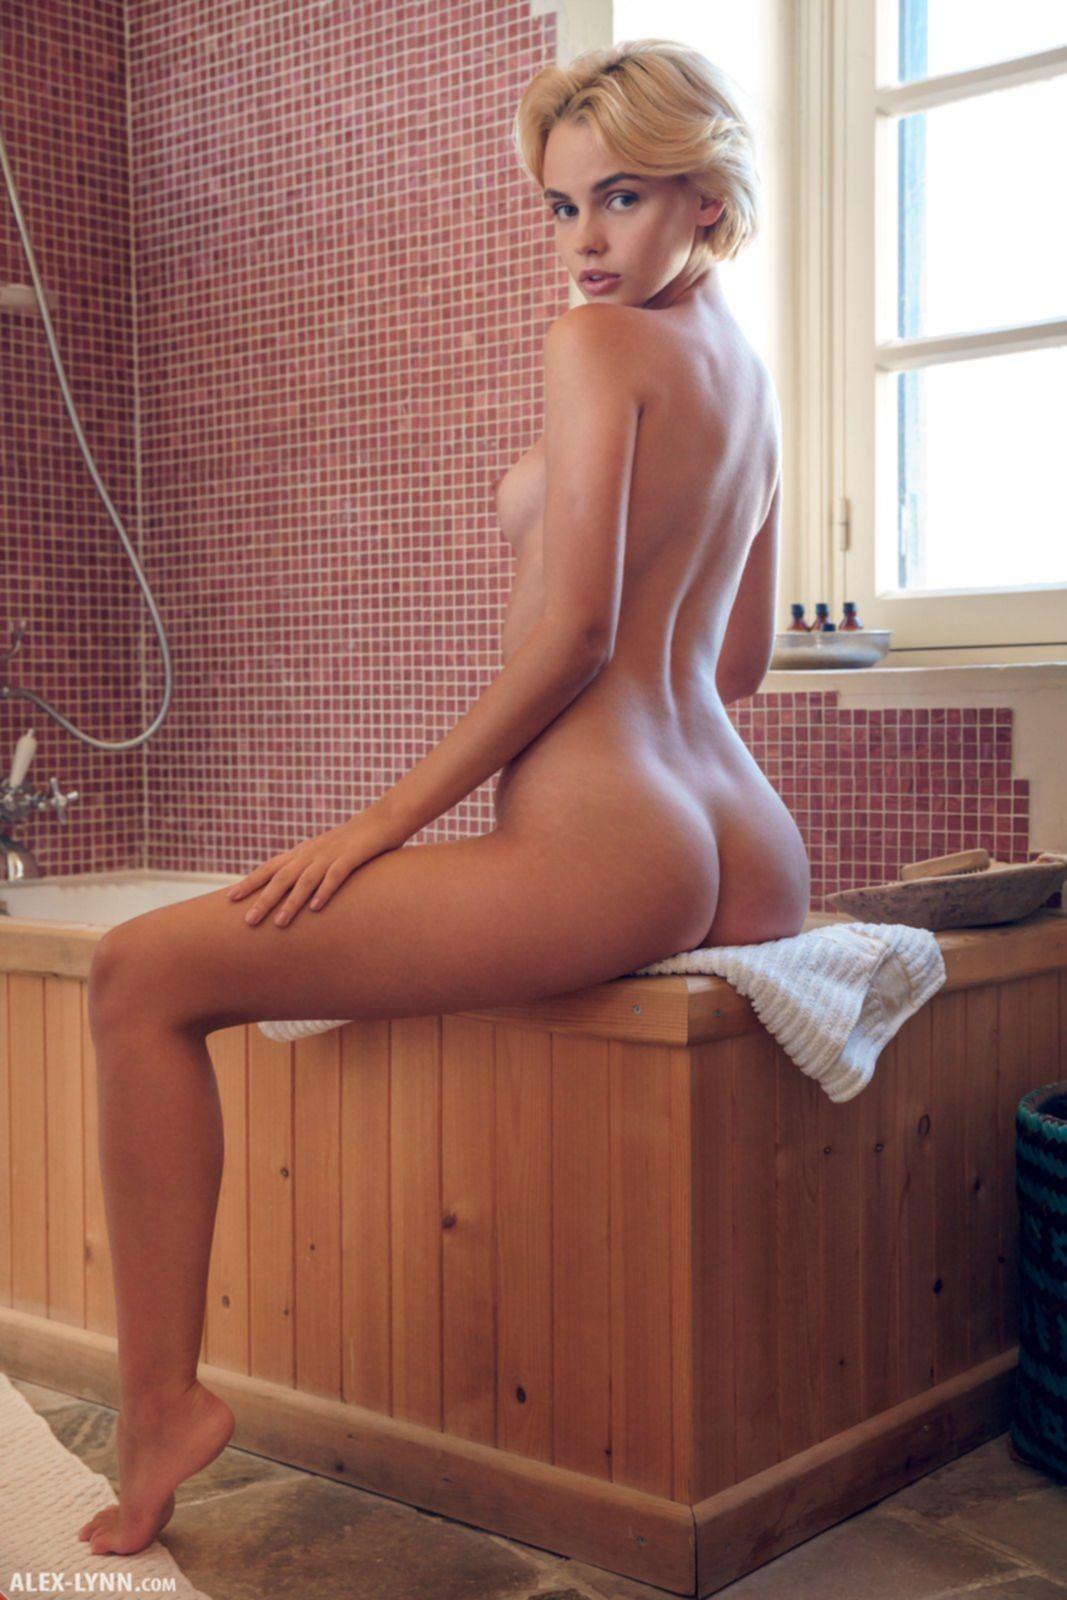 Бритая пися голой красотки - фото